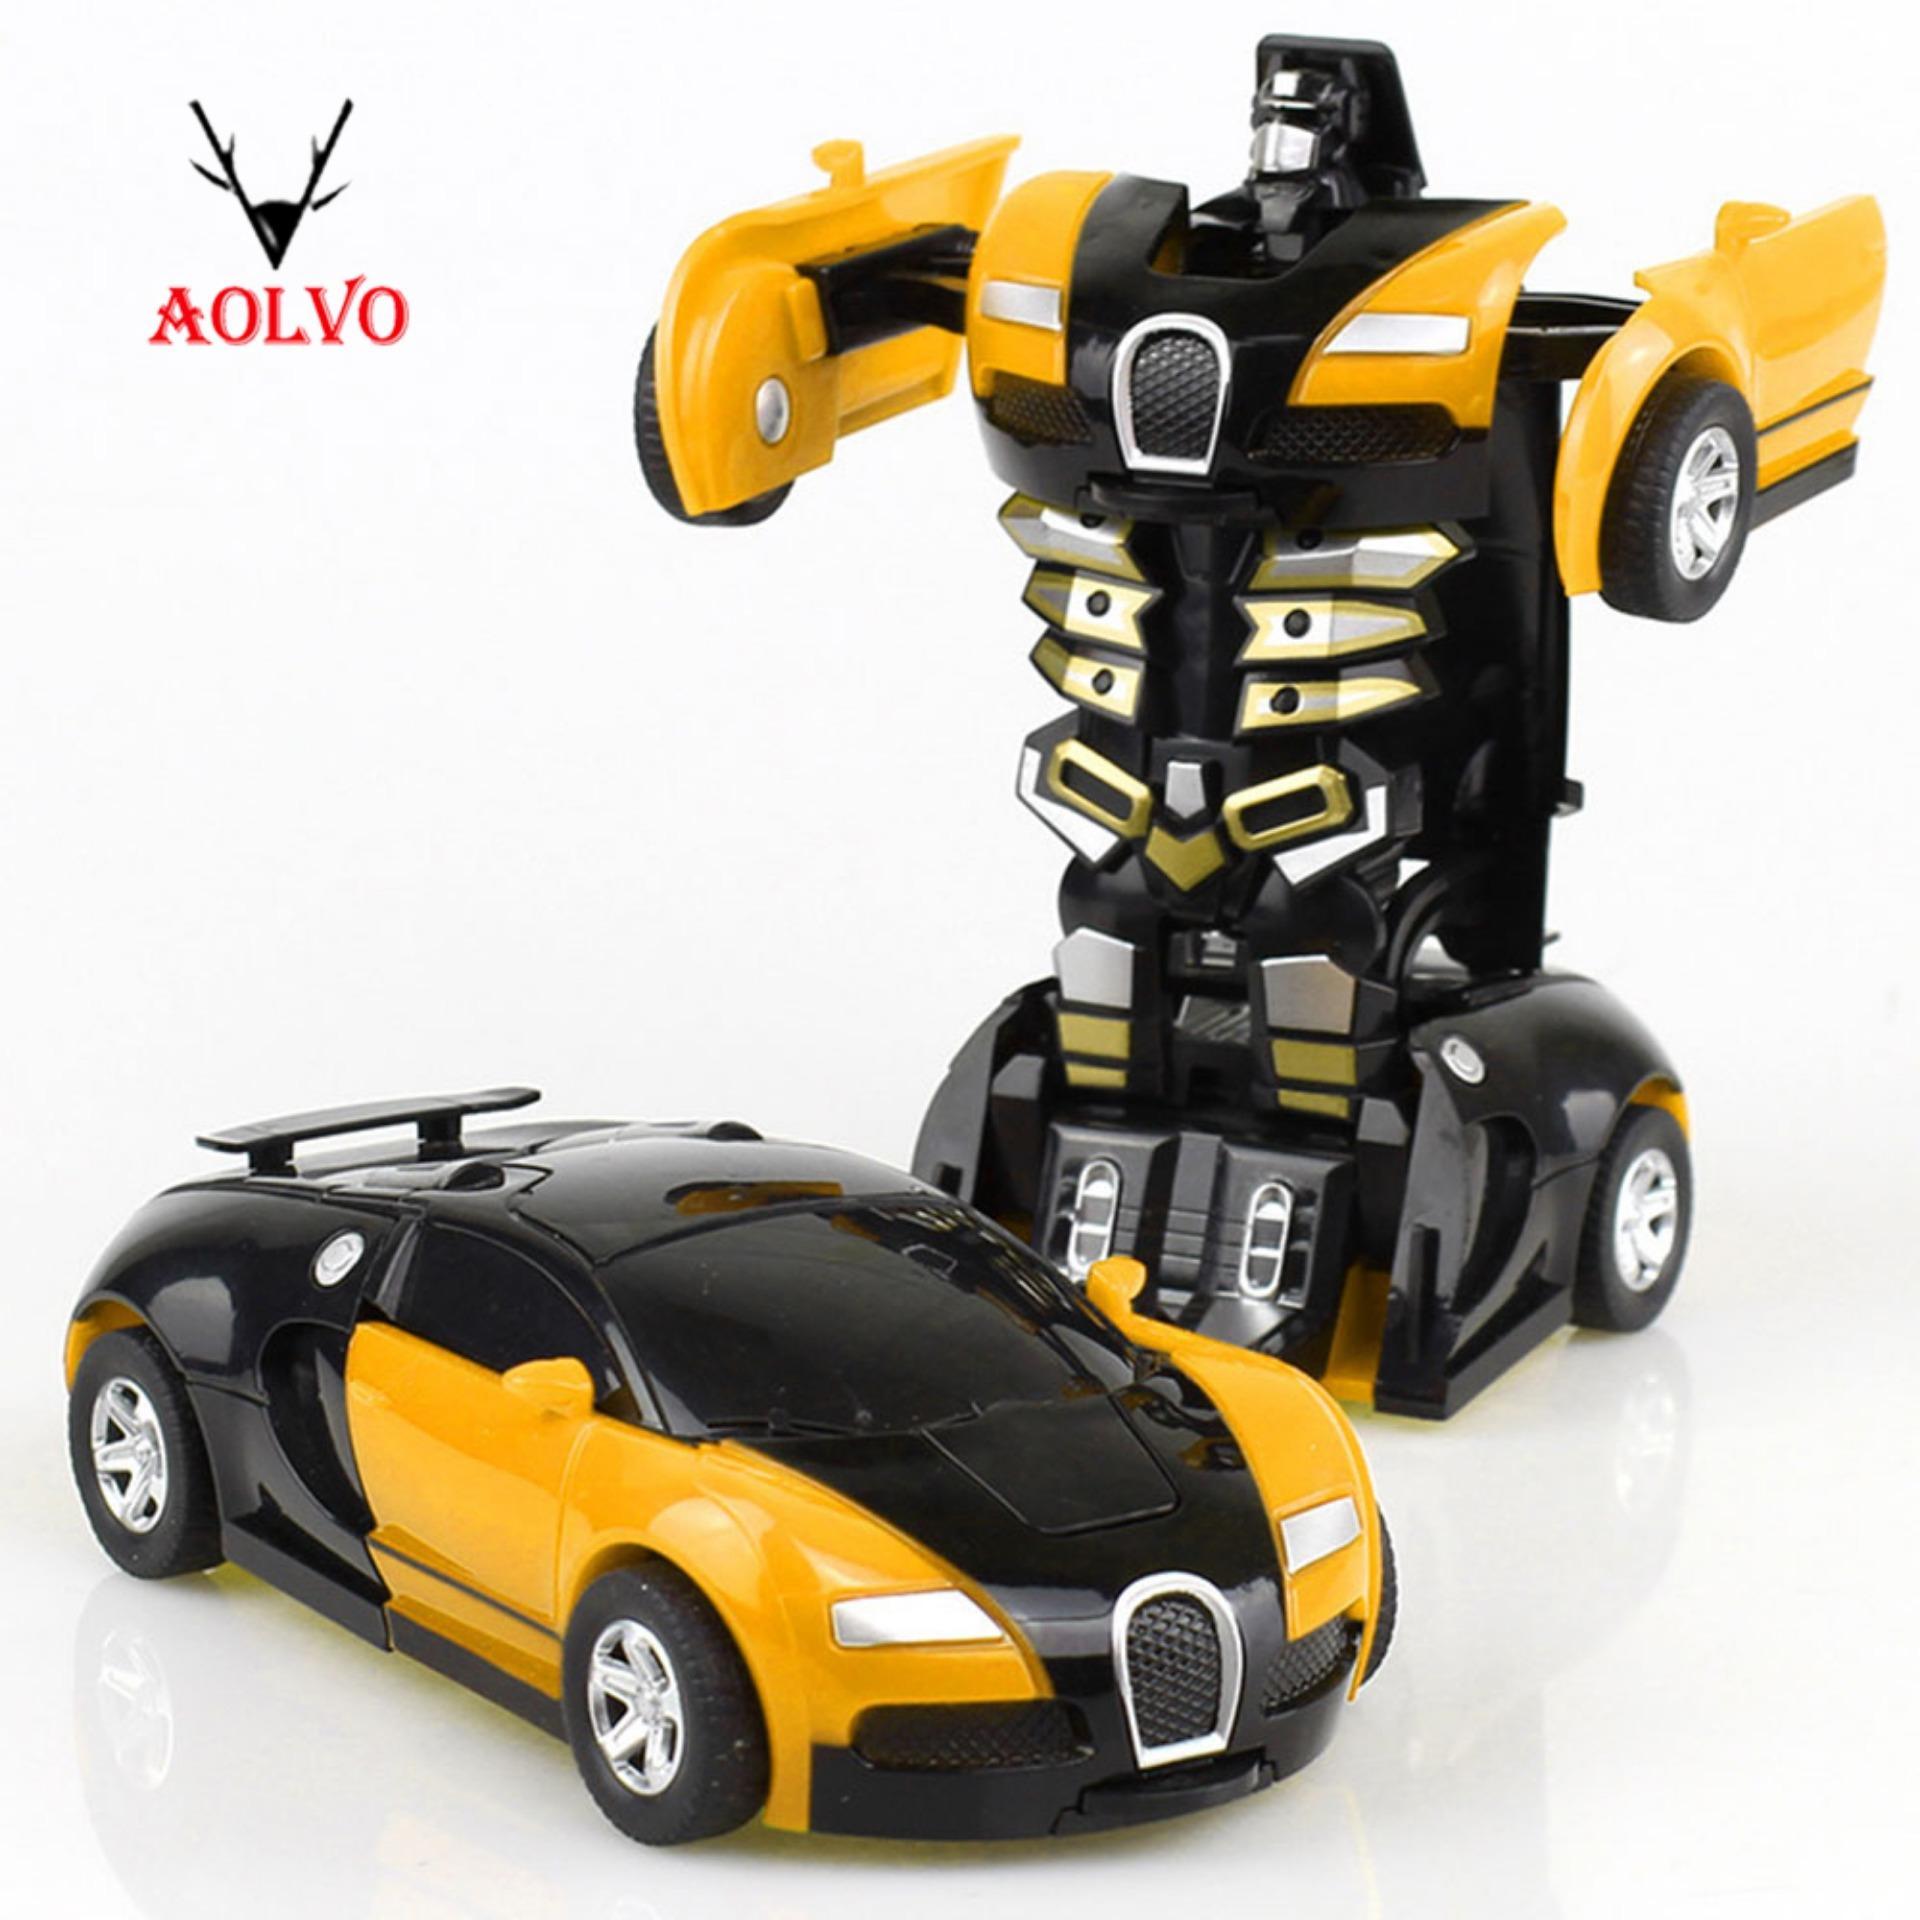 Transformers Mobil, Penyelamatan Bots Deformasi Transformer Mobil One-Step Mobil Robot Kendaraan Model Aksi Angka Mainan Mengubah Mobil Untuk Anak-Anak By Aolvo.